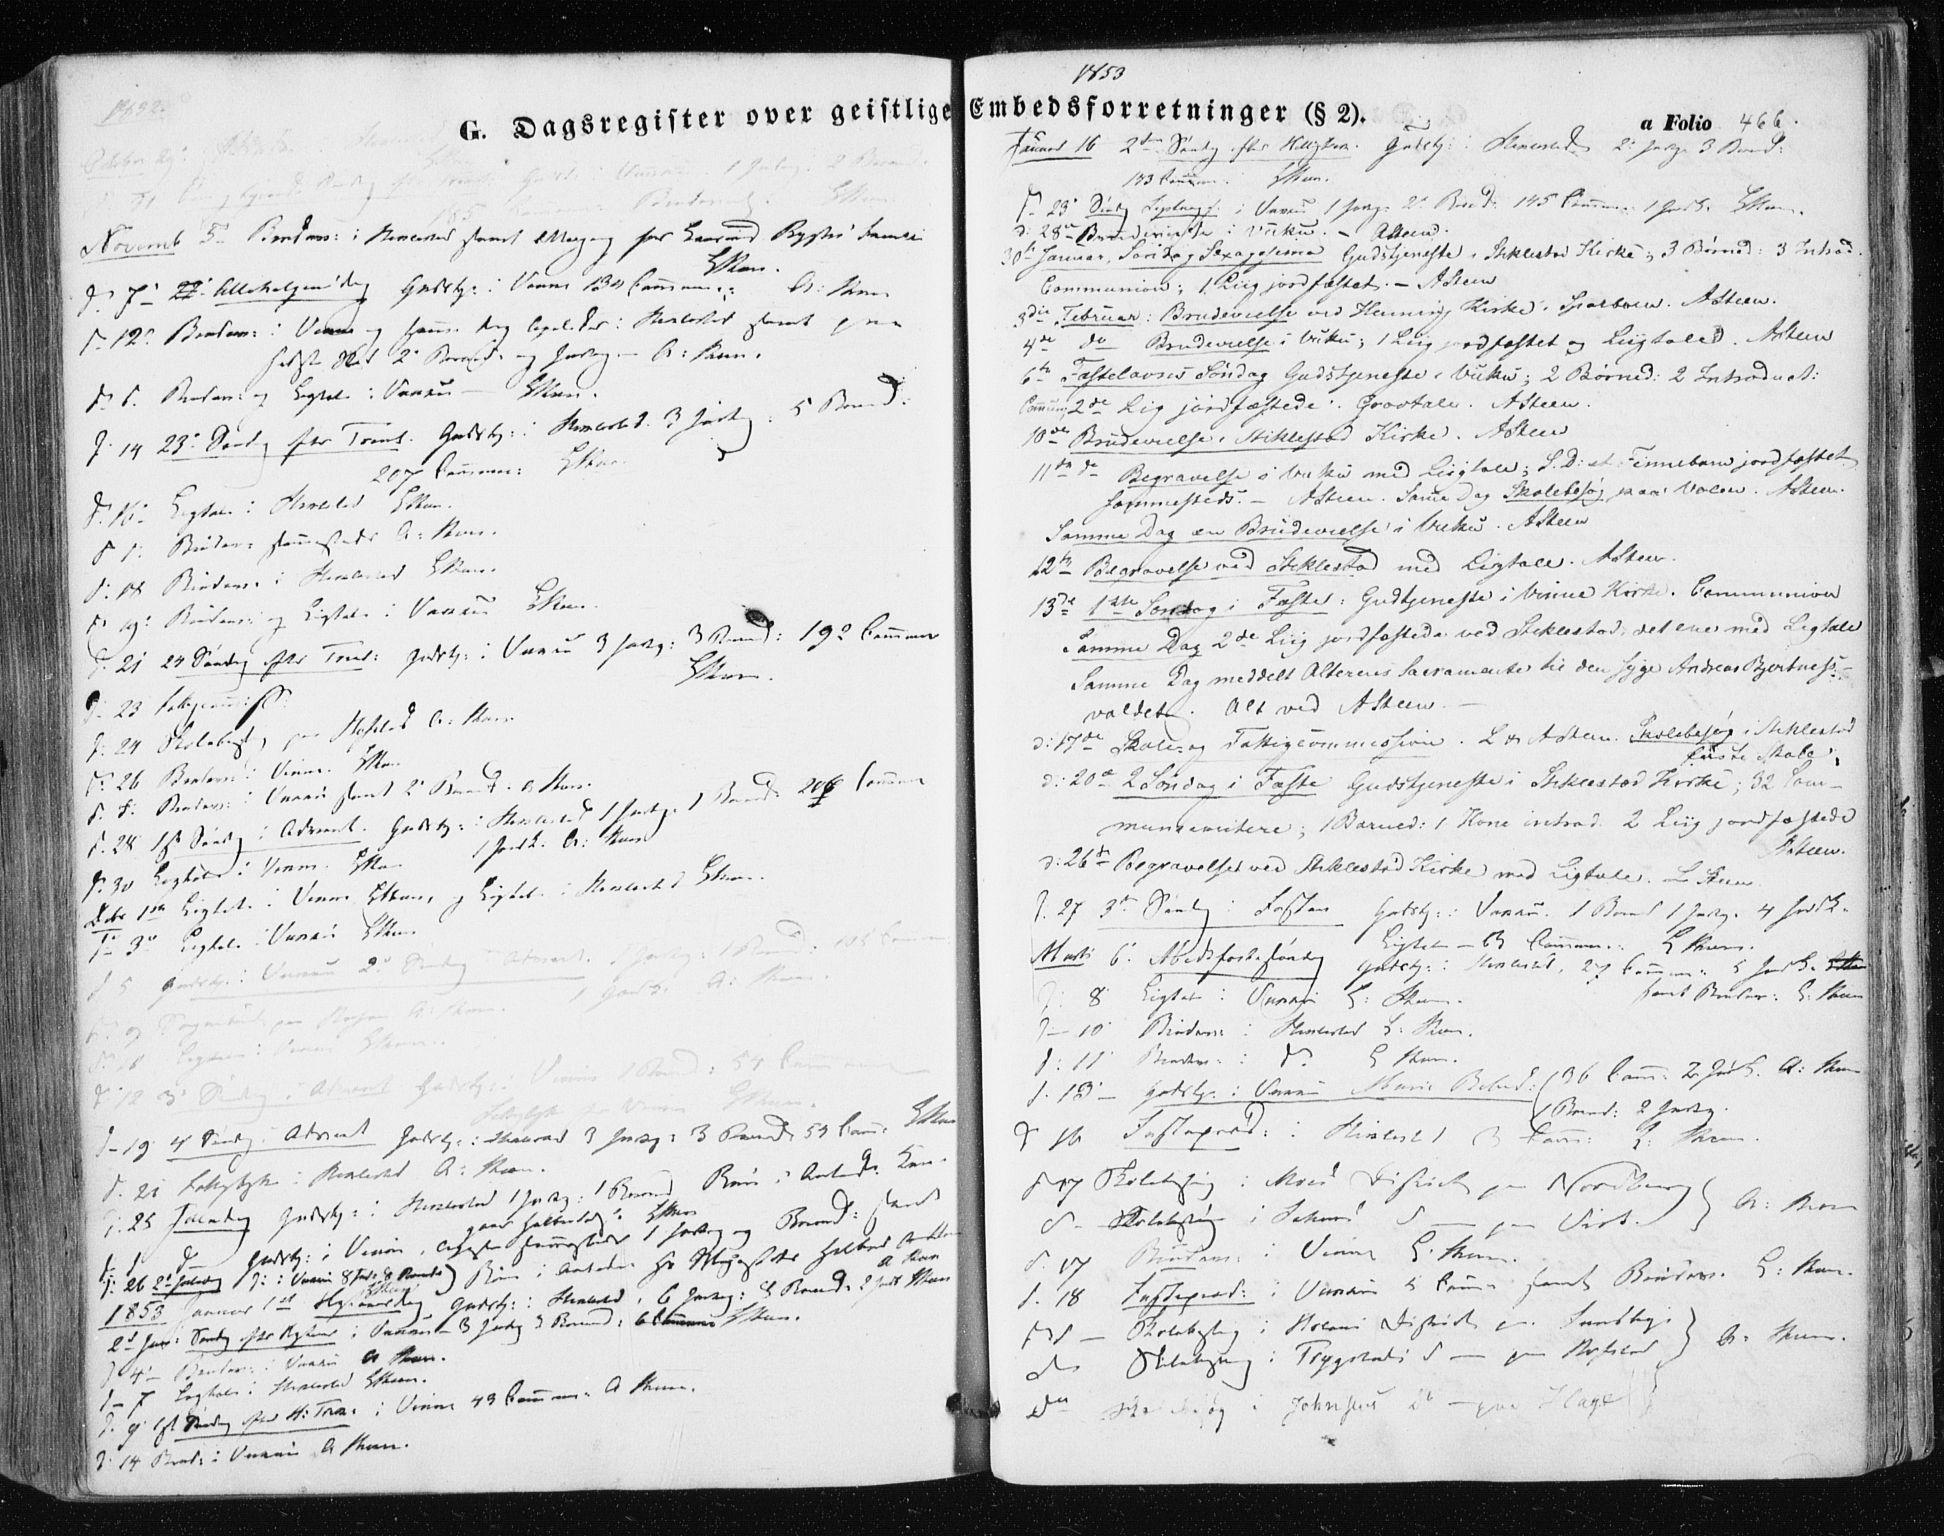 SAT, Ministerialprotokoller, klokkerbøker og fødselsregistre - Nord-Trøndelag, 723/L0240: Ministerialbok nr. 723A09, 1852-1860, s. 466